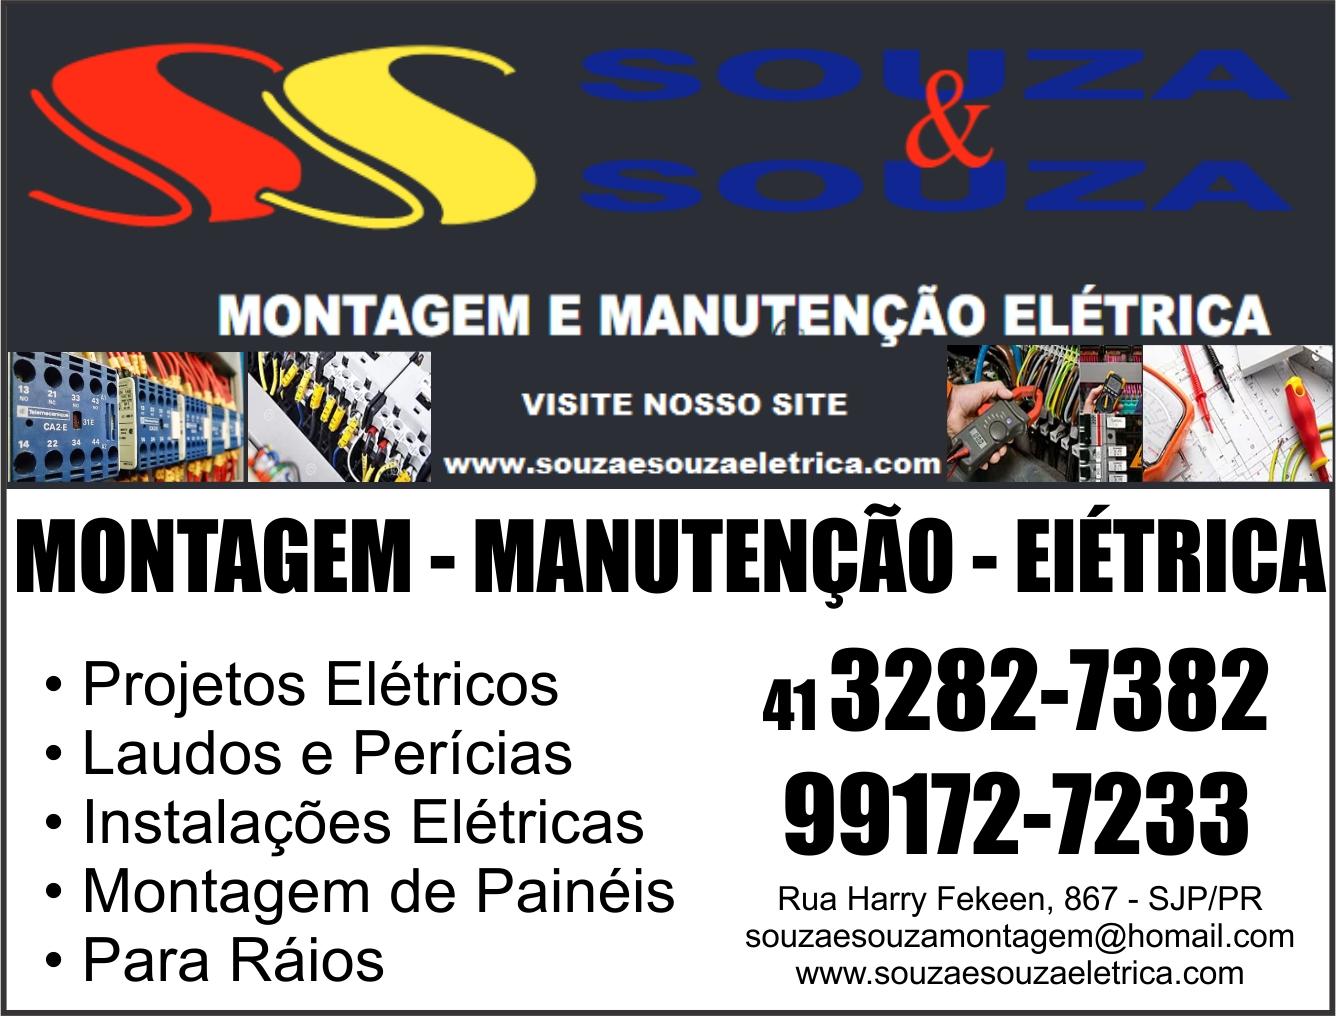 SS Souza & Souza Montagem e Manutenção Elétrica      RUA HARRY FEEKEN, 867, SÃO JOSÉ DOS PINHAIS - PR  Fones: (41) 3282-7382 / (41) 99172-7233